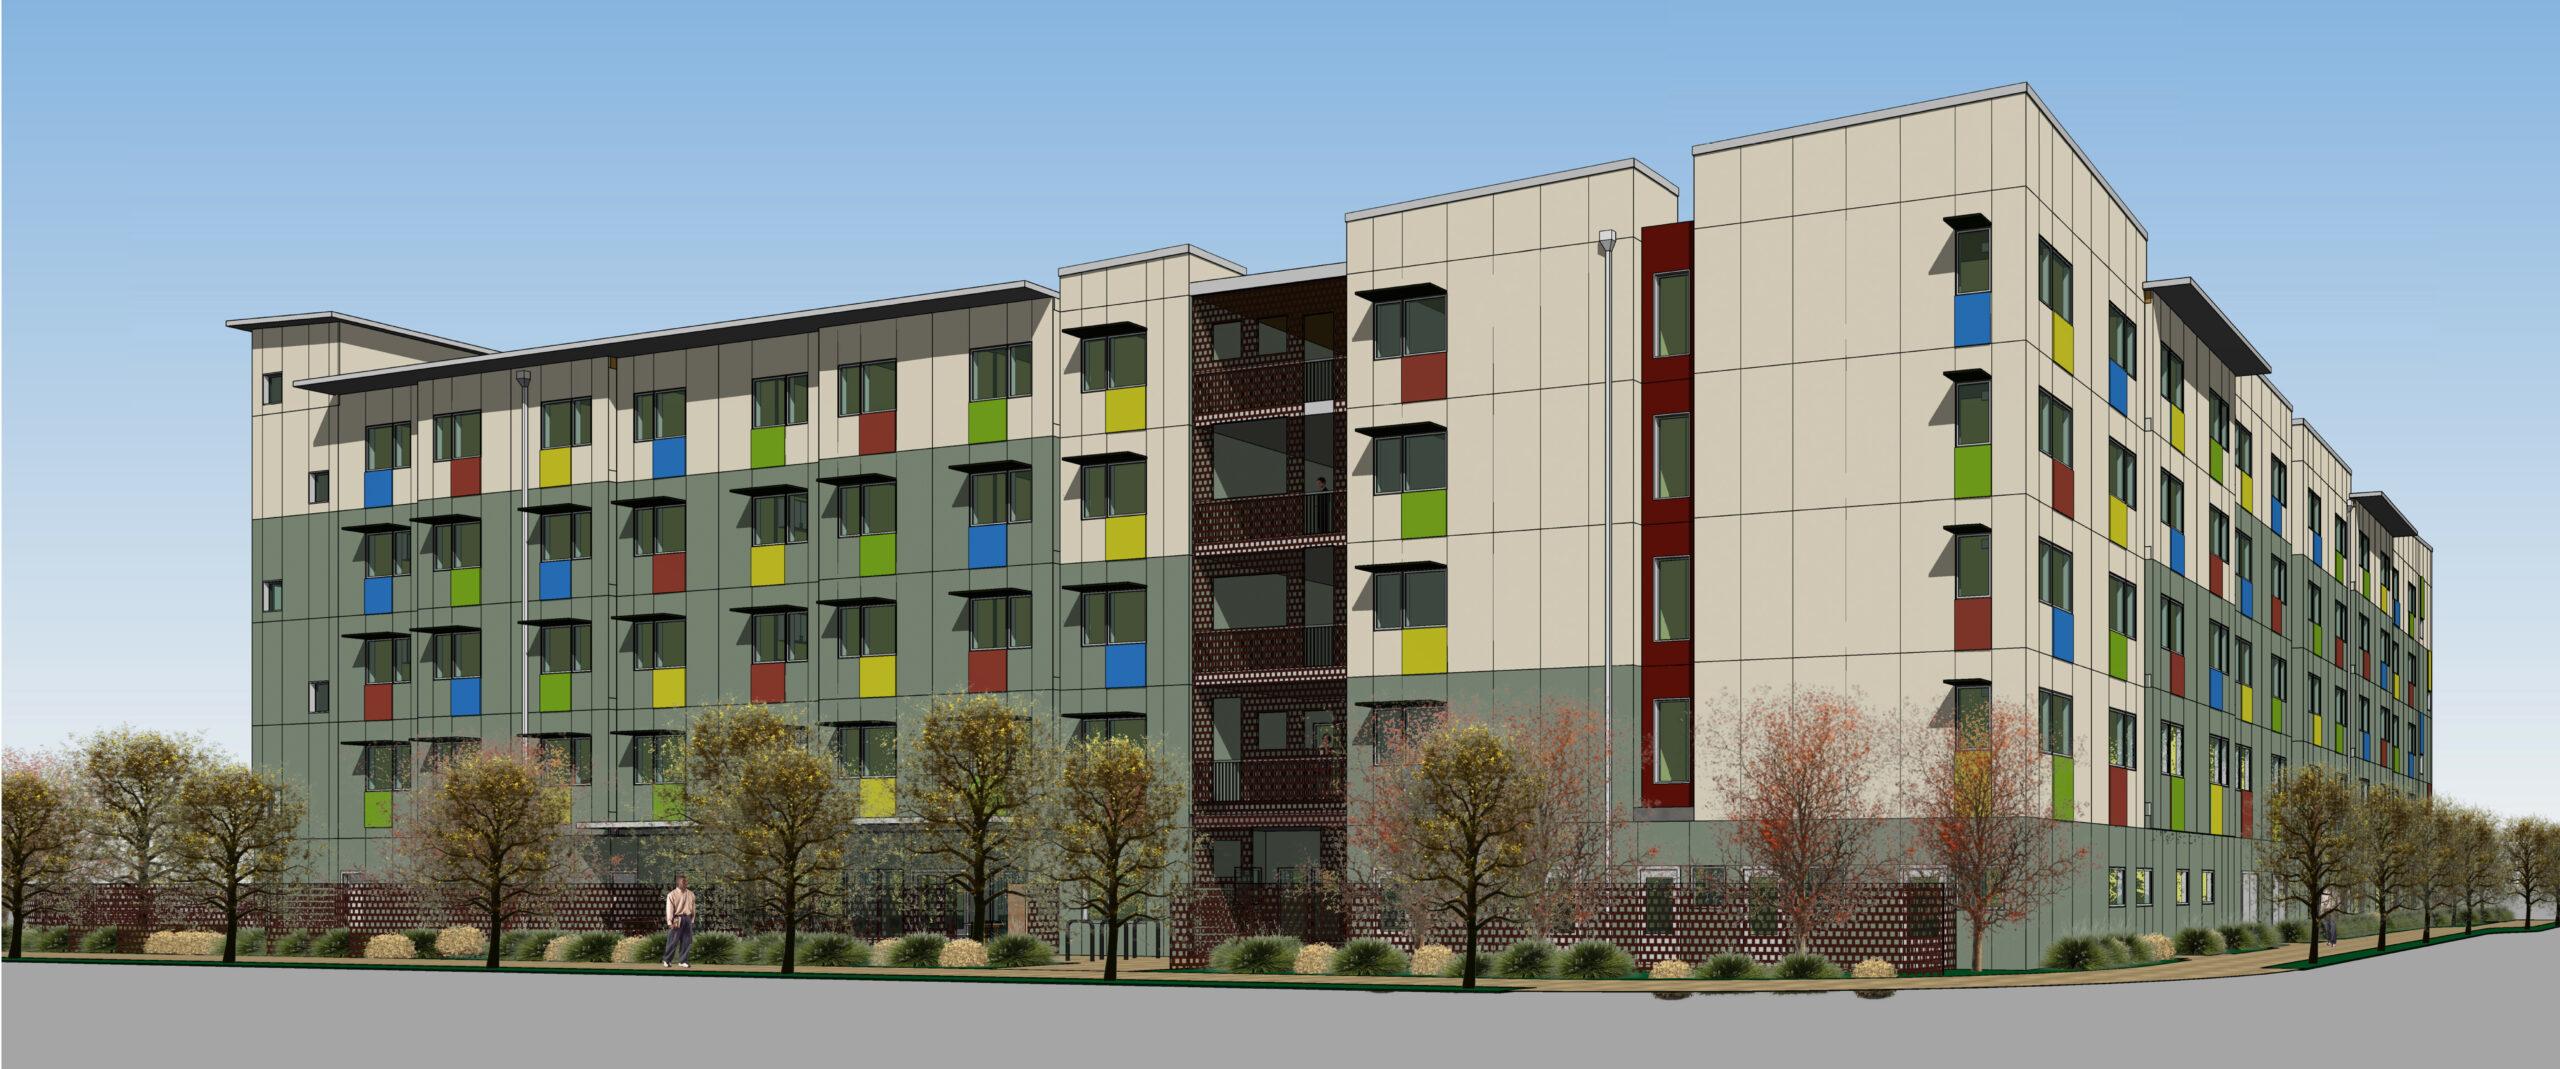 Rendering of Corvin development in Santa Clara